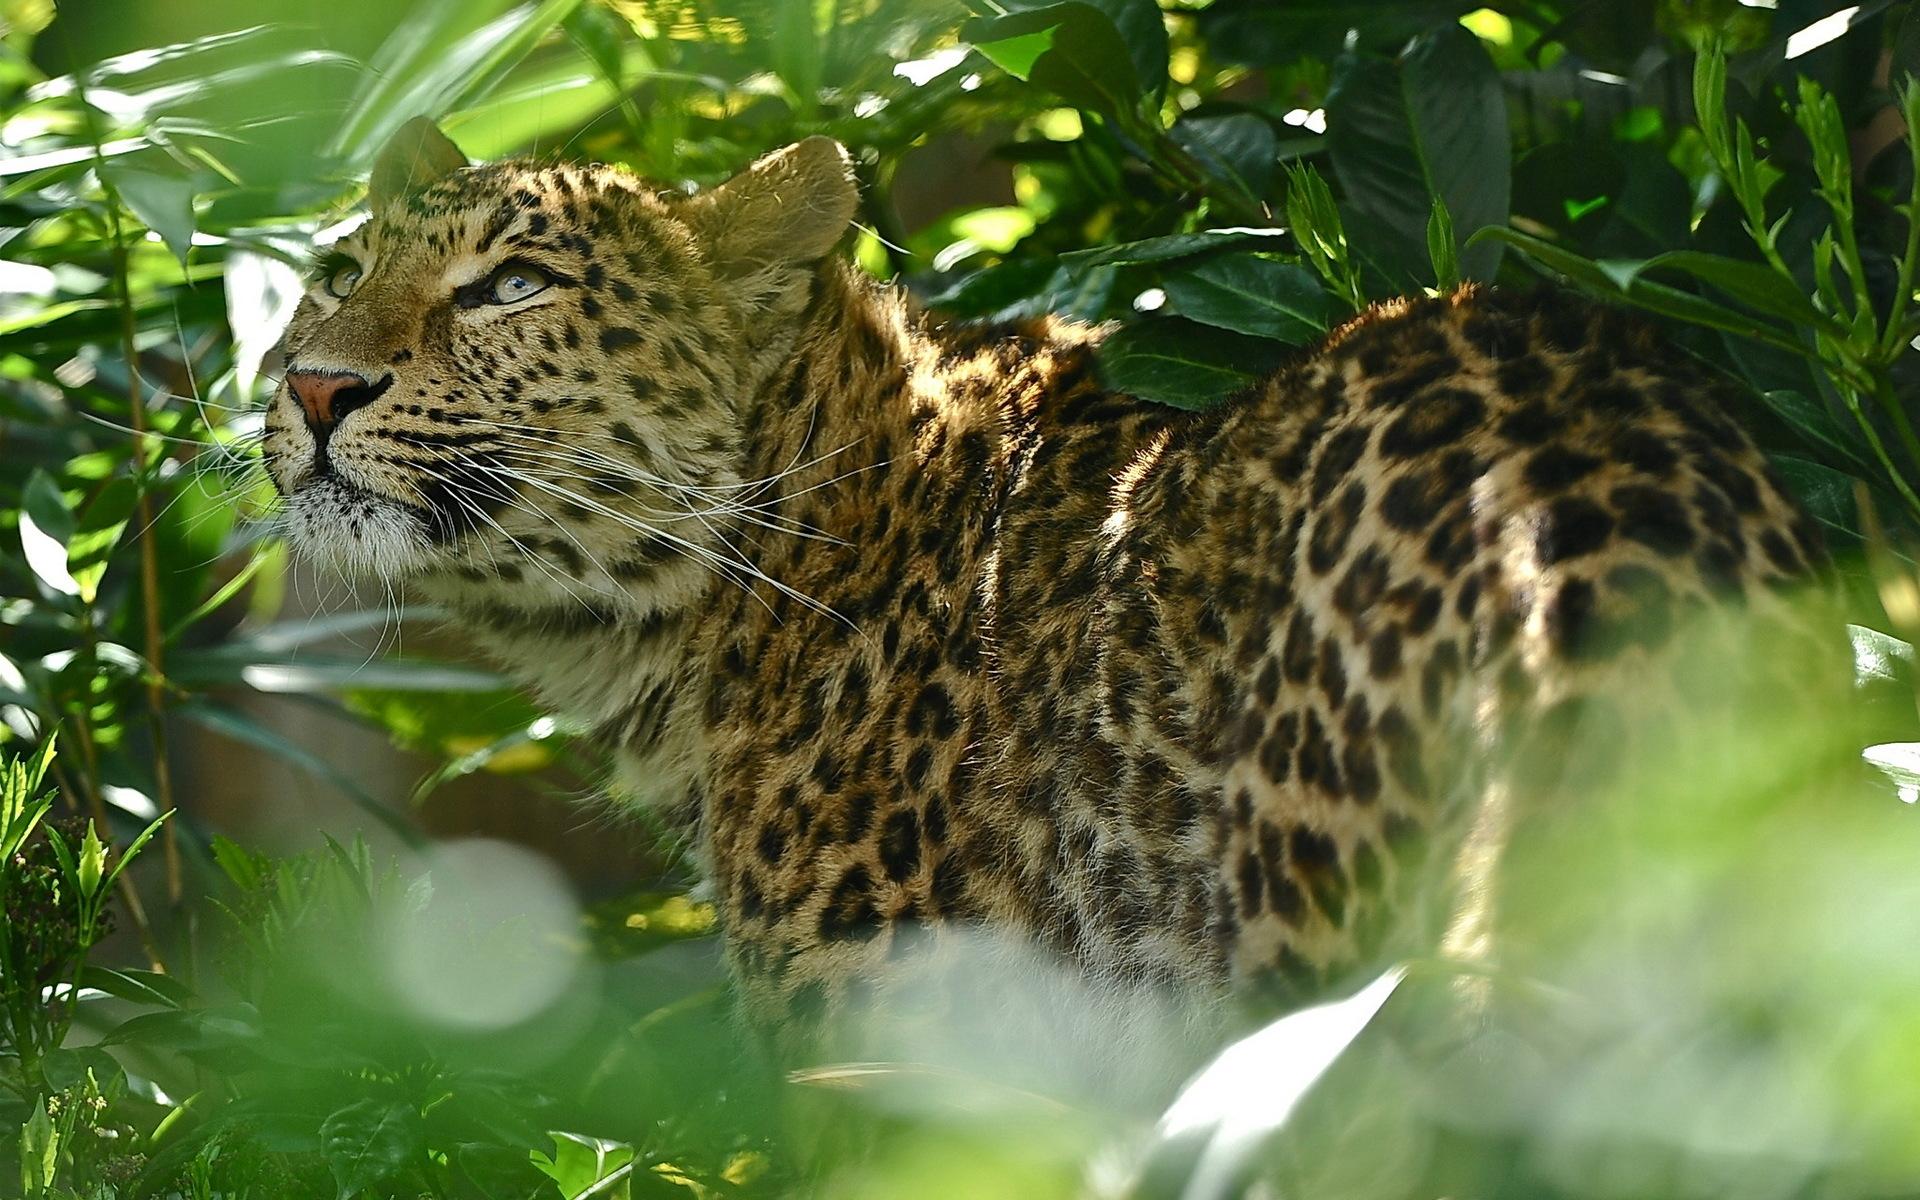 верю, фото лучшее фото леопарда керамика здесь